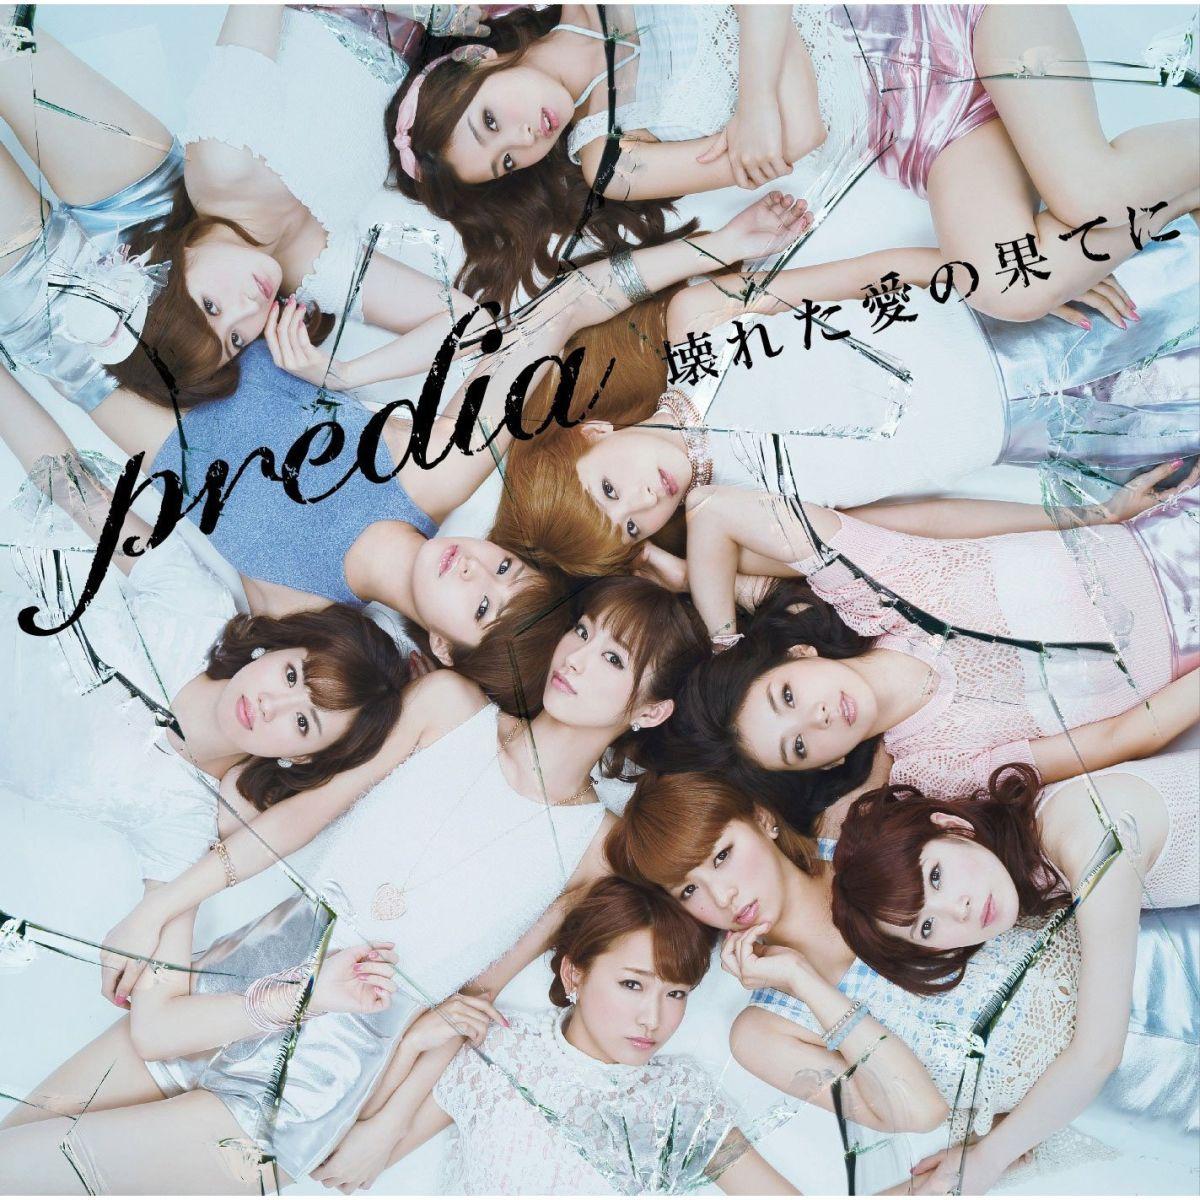 壊れた愛の果てに(TypeA CD+DVD)